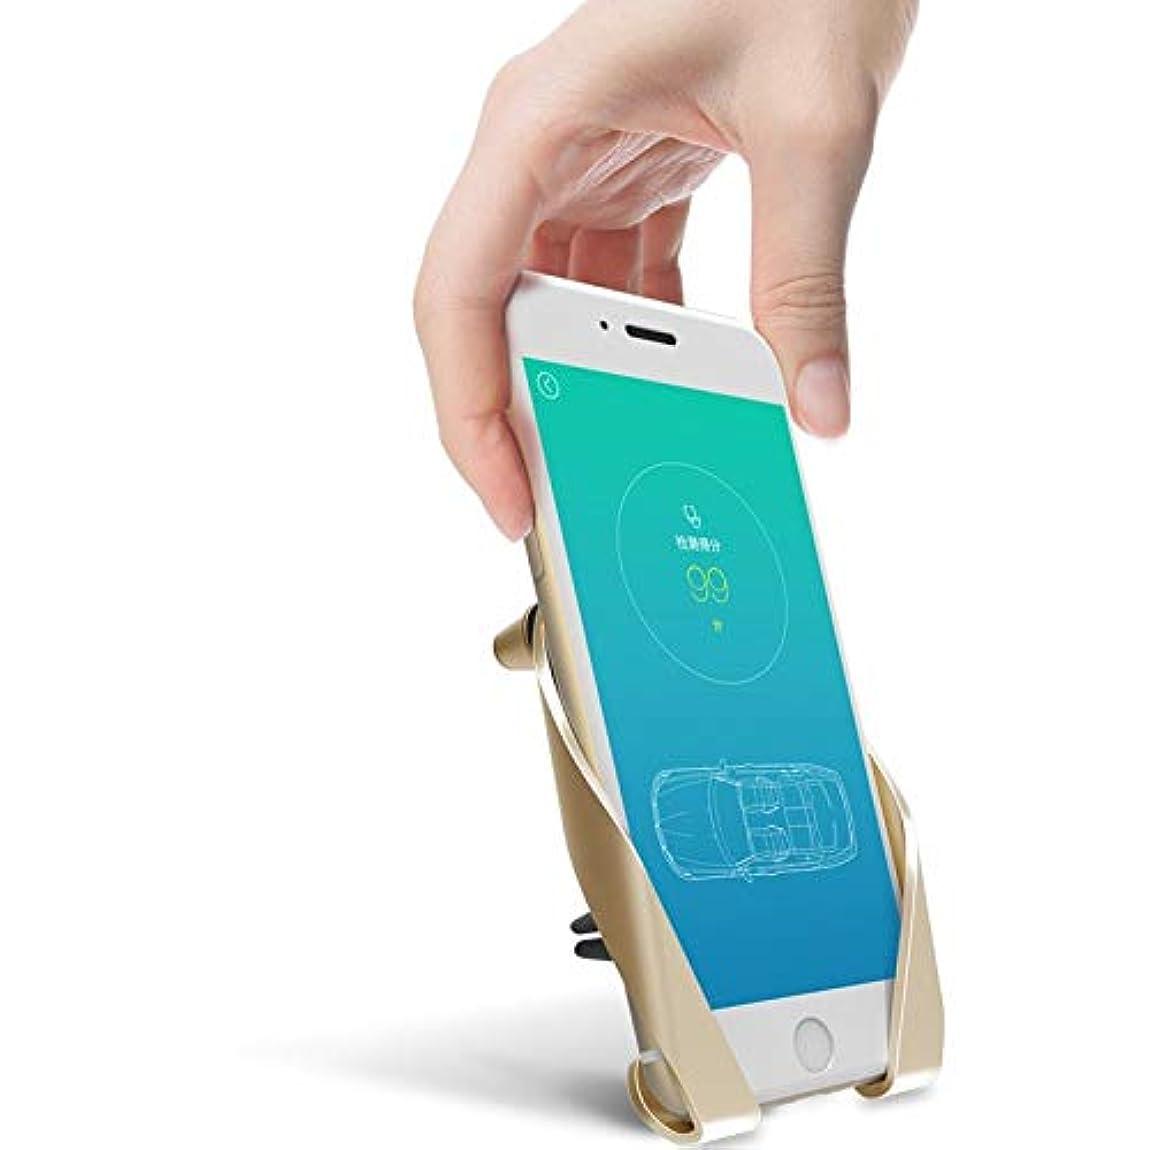 無一文中古伝染性Jicorzo - サムスンiPhone用ユニバーサルカーベント携帯電話ホルダーカープラスチック製エアアウトレットアジャスタブル電話スタンドホルダー